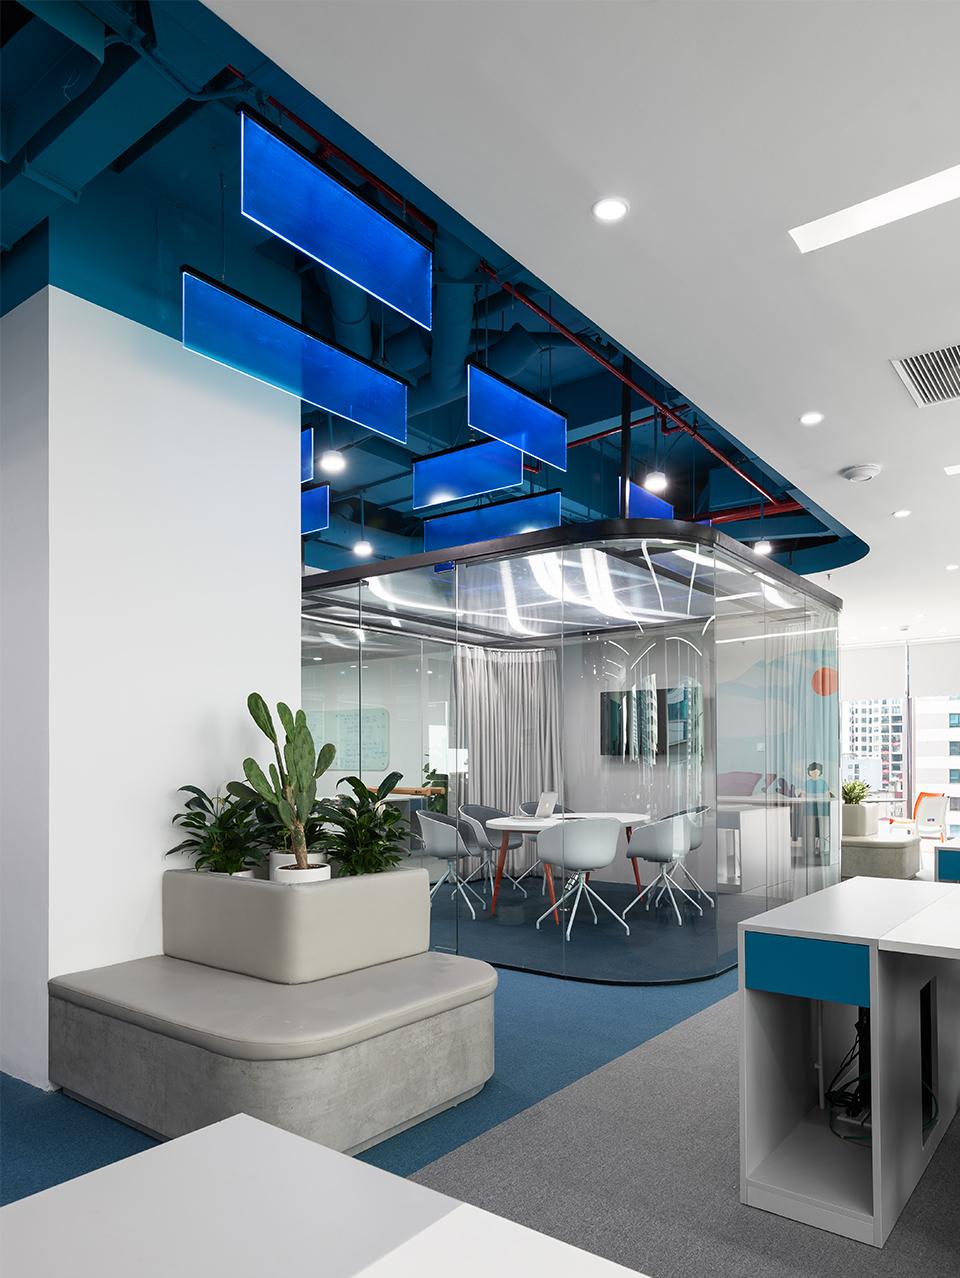 Khu vực phòng họp với vách ngăn kính vừa đảm bảo tính riêng tư bảo mật, vừa đảm bảo thẩm mỹ và tính mở của không gian tại văn phòng công ty DLS